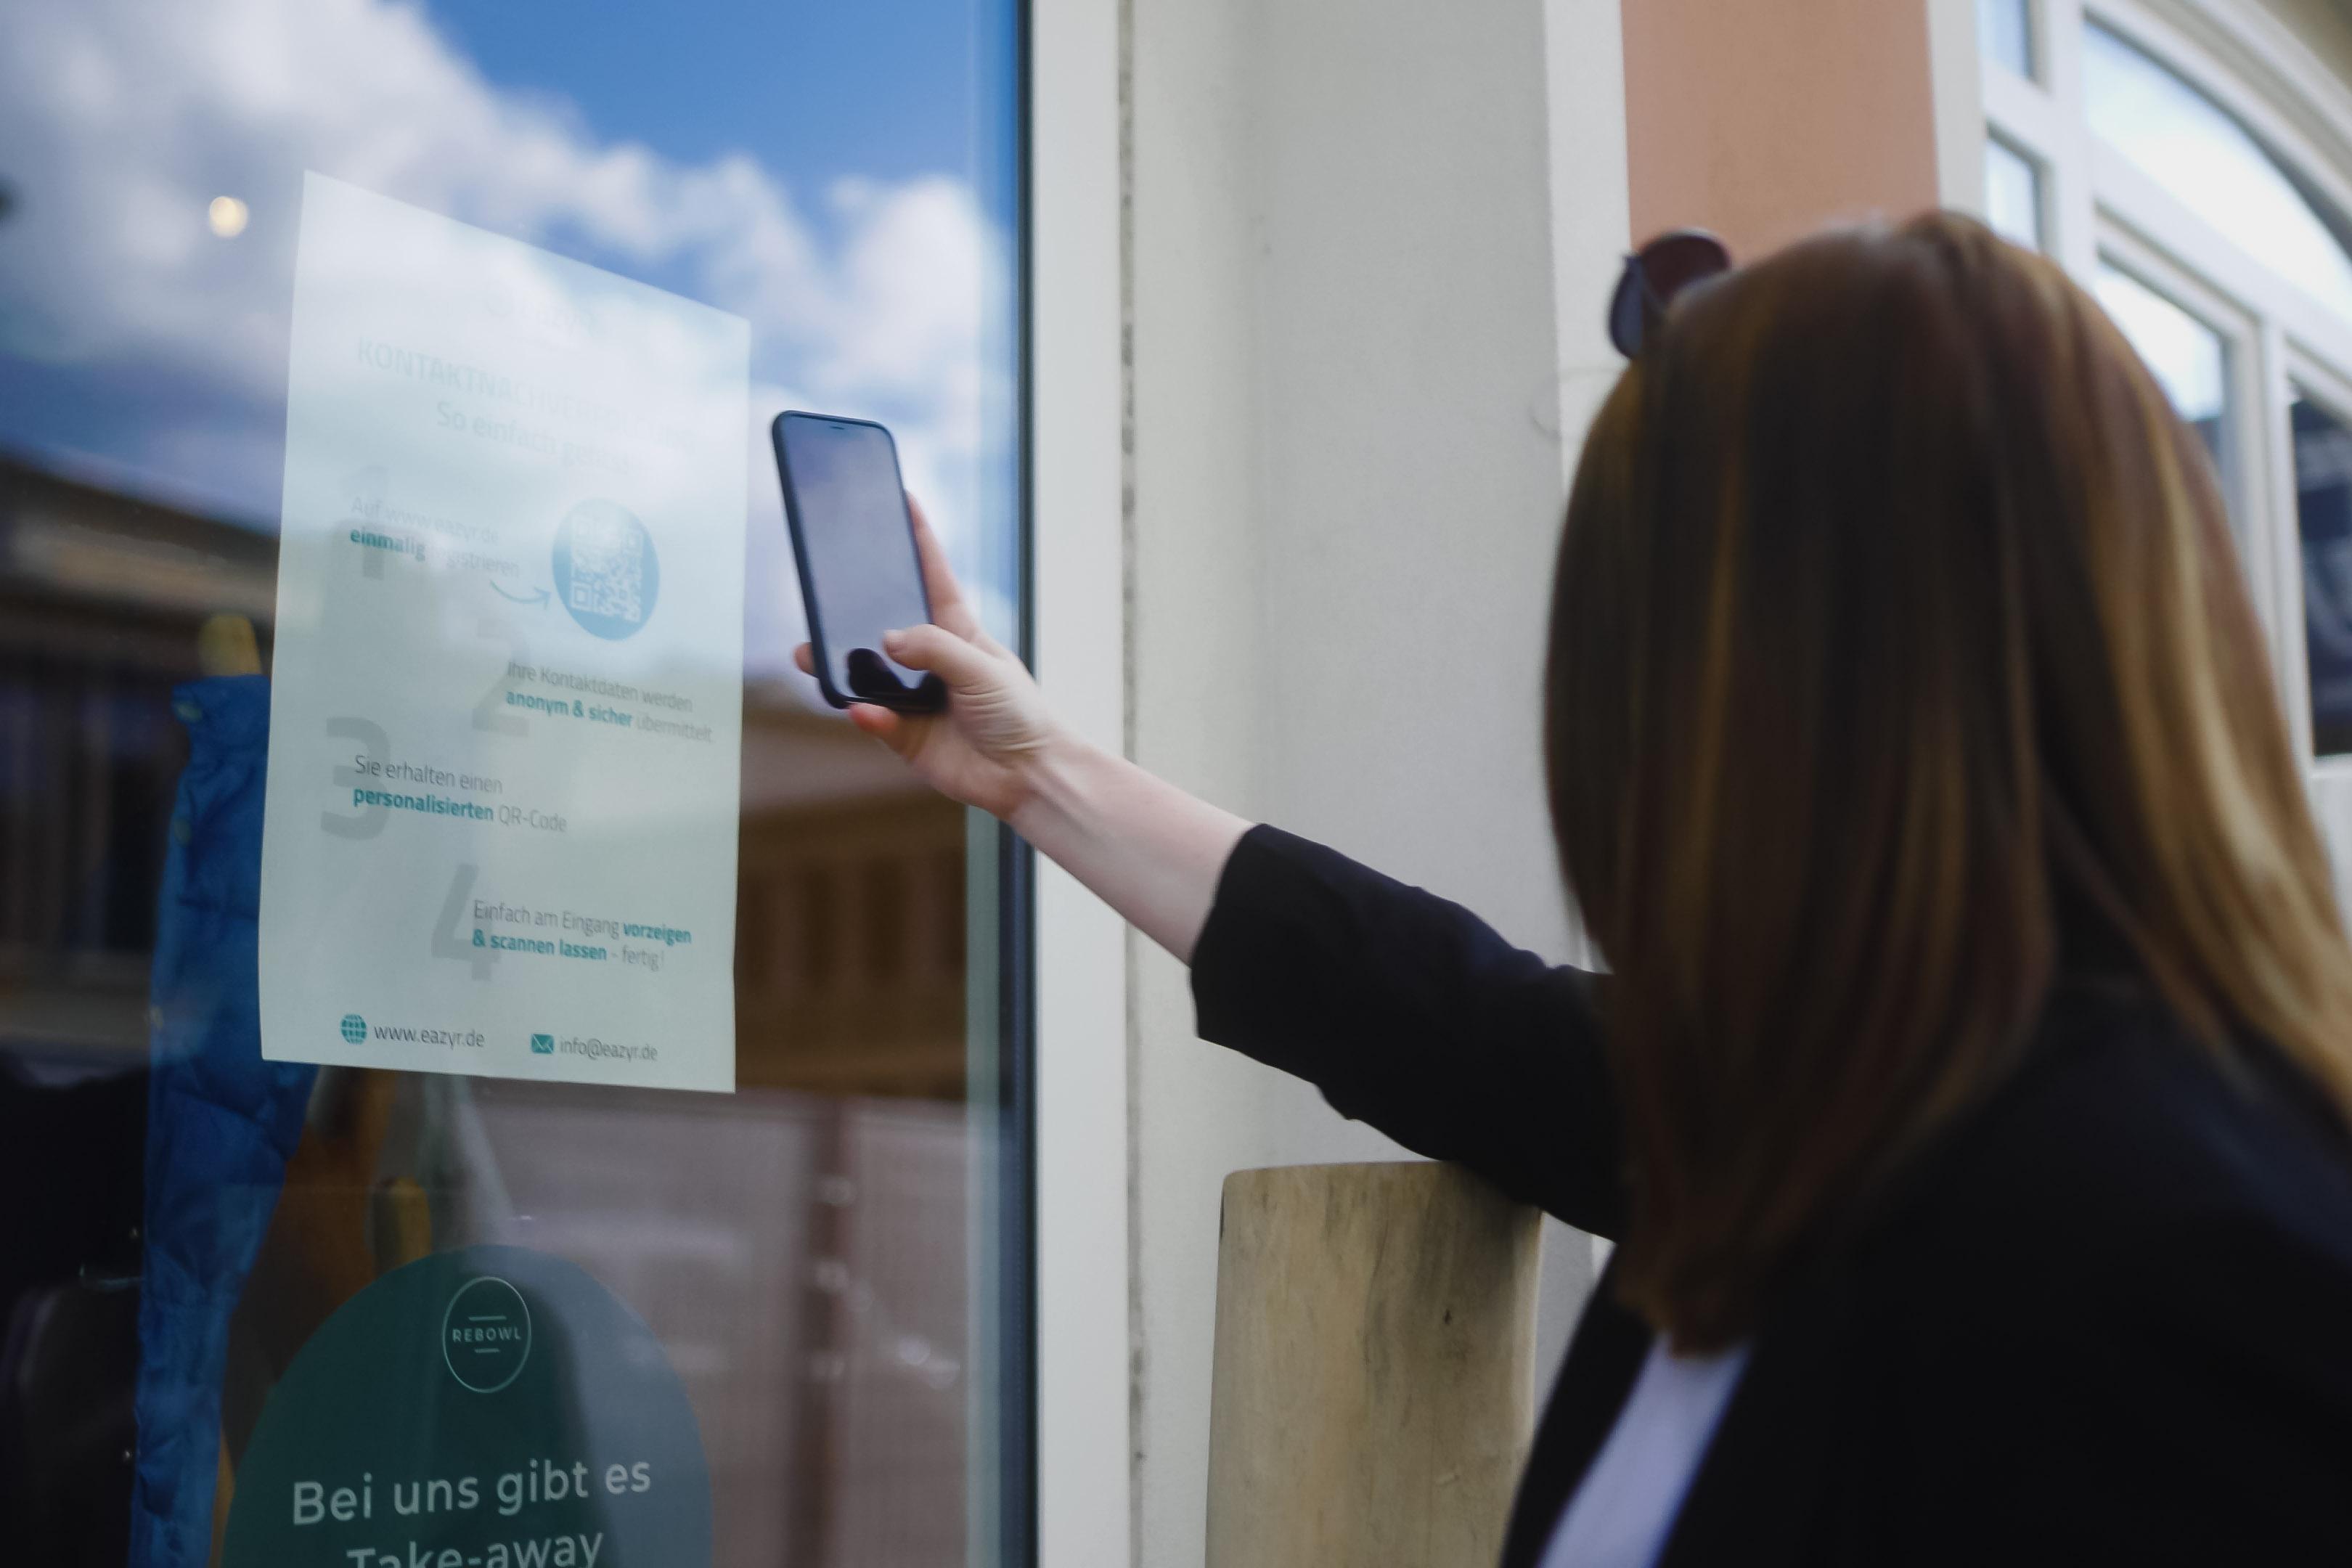 Eine Frau scannt mit ihrem Handy einen QR Code.